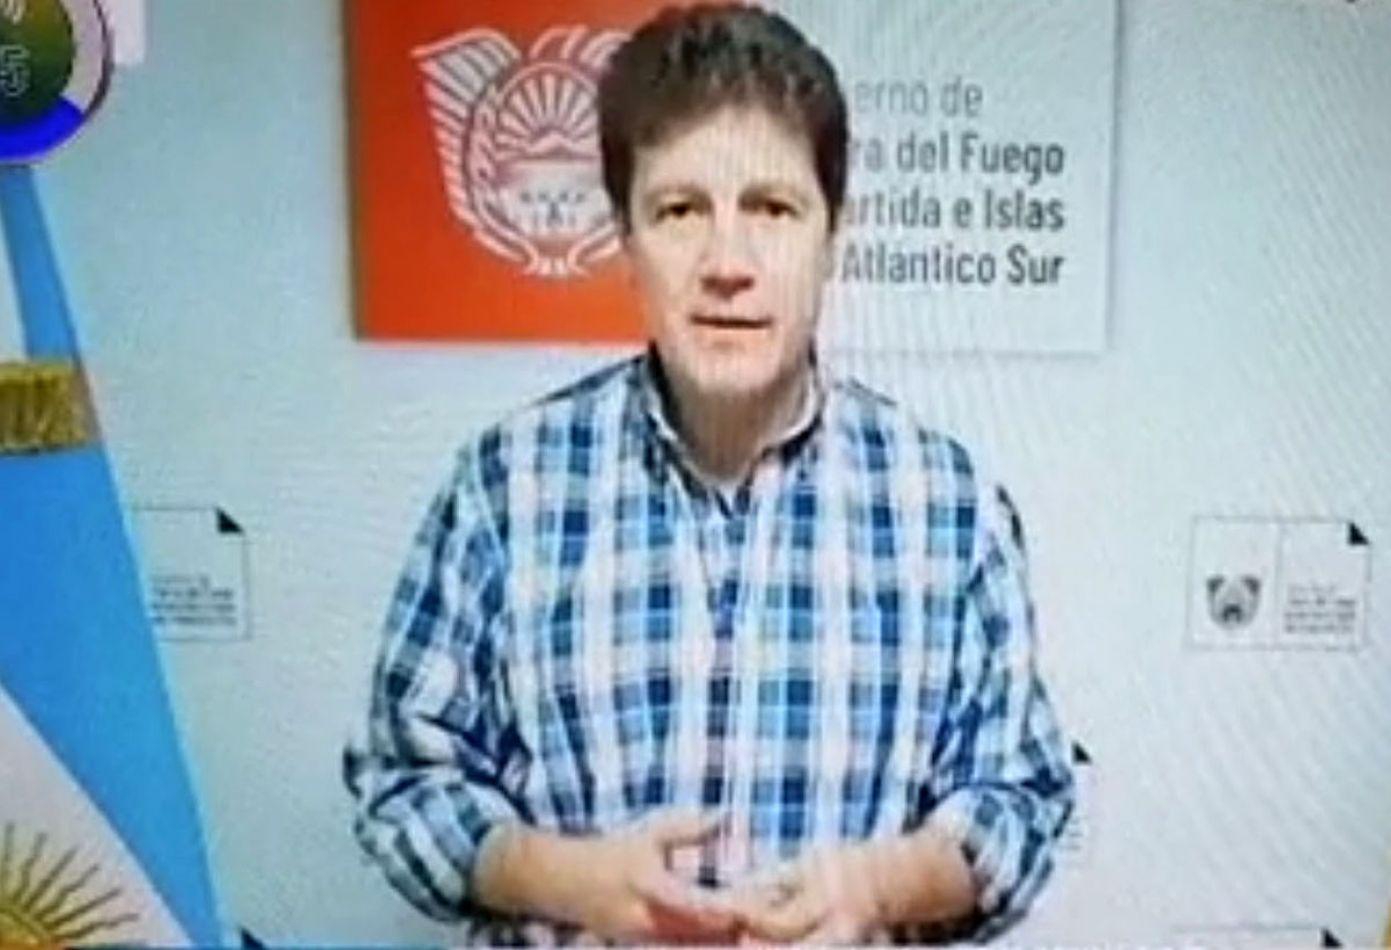 Mediante un mensaje televisivo, el gobernador anunció restricción total para Río Grande.